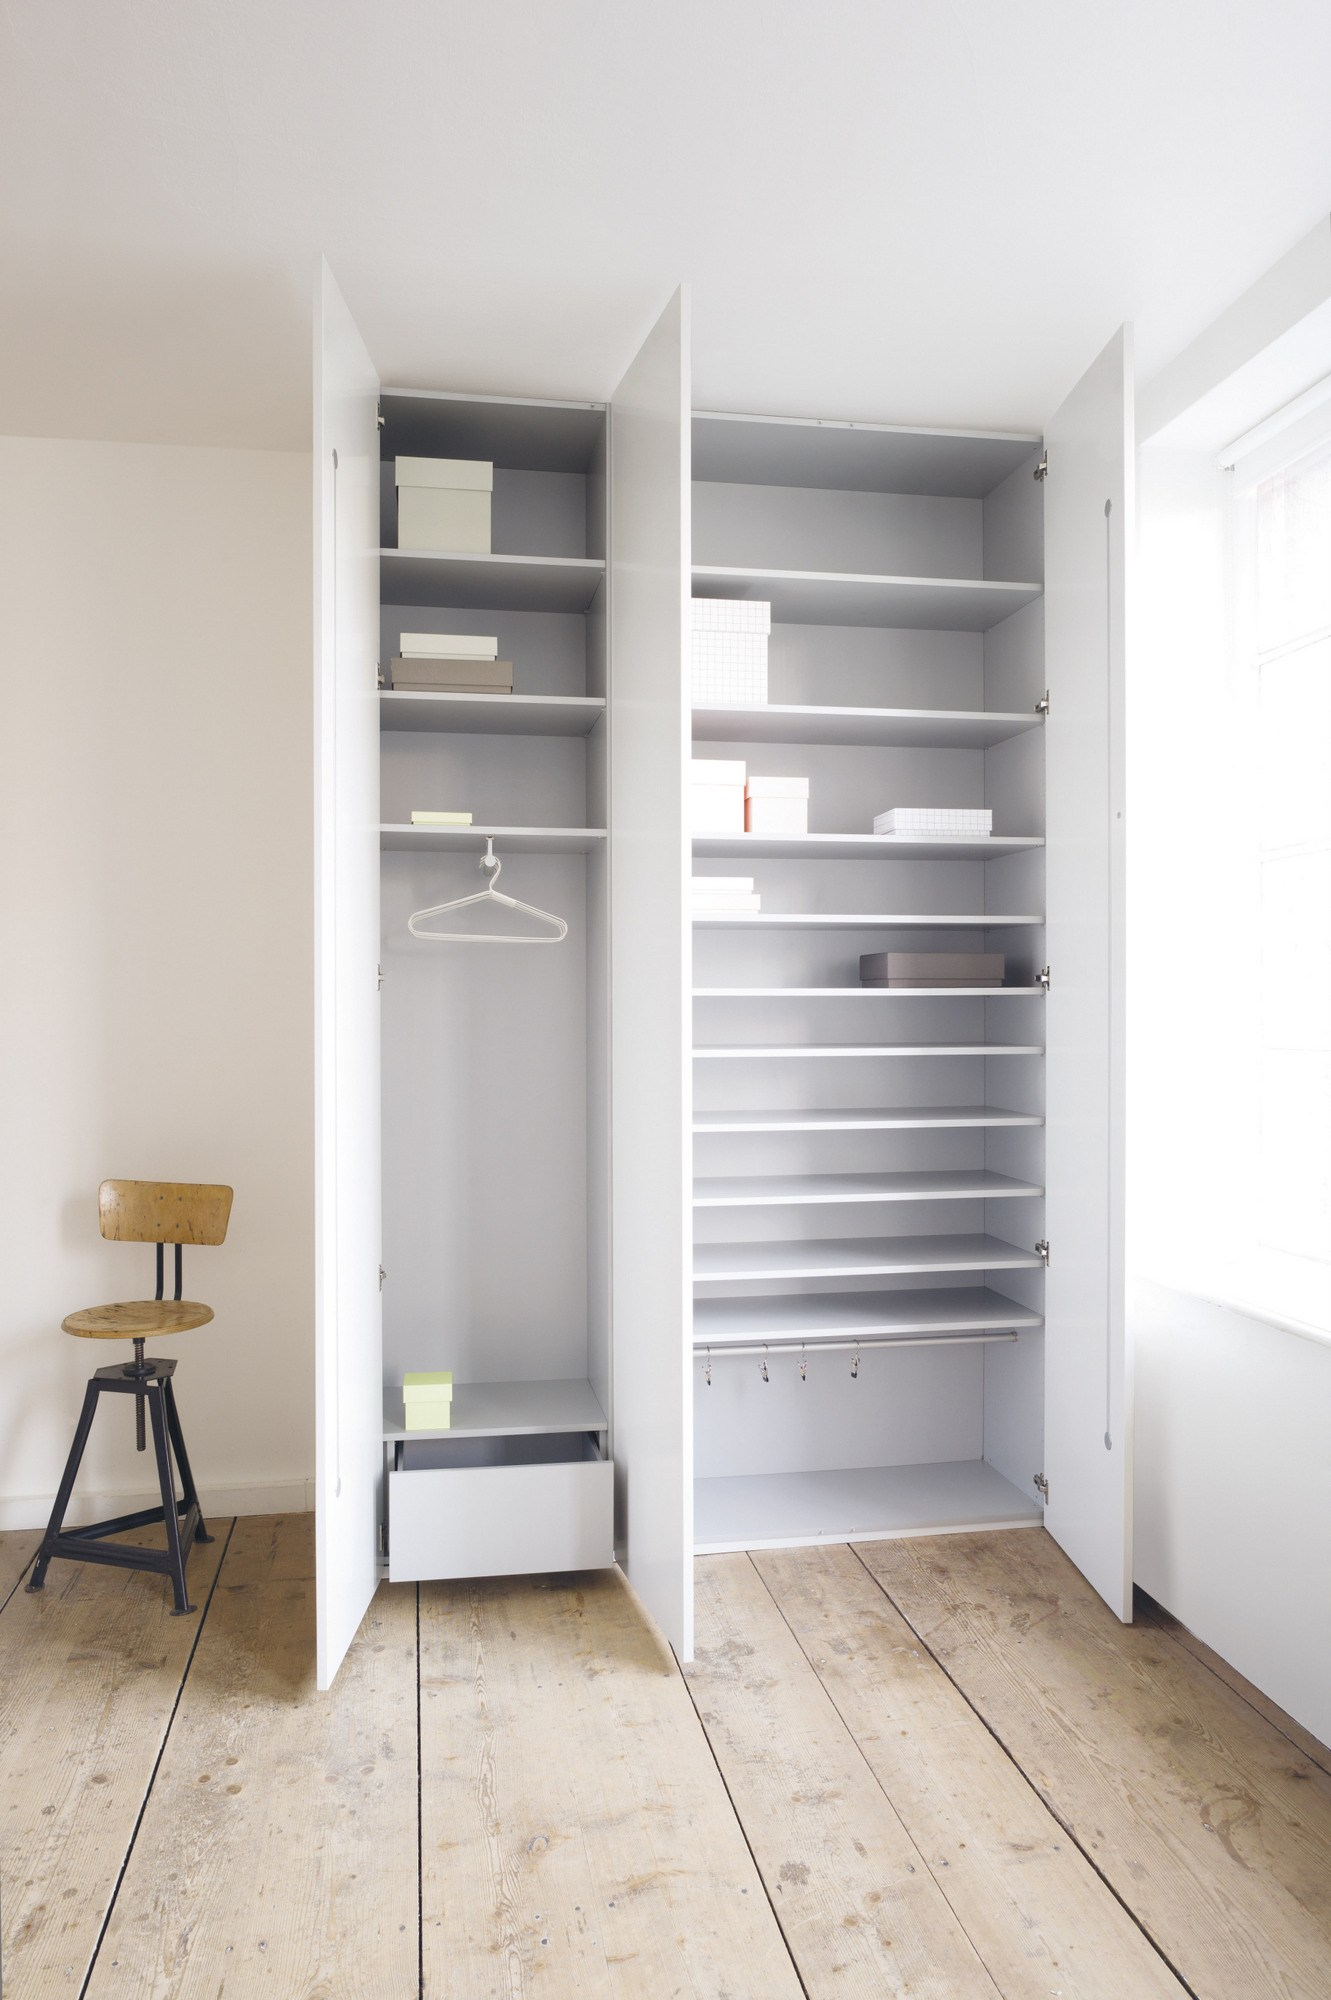 anbau kleiderschrank nach mass cabin by sch nbuch. Black Bedroom Furniture Sets. Home Design Ideas